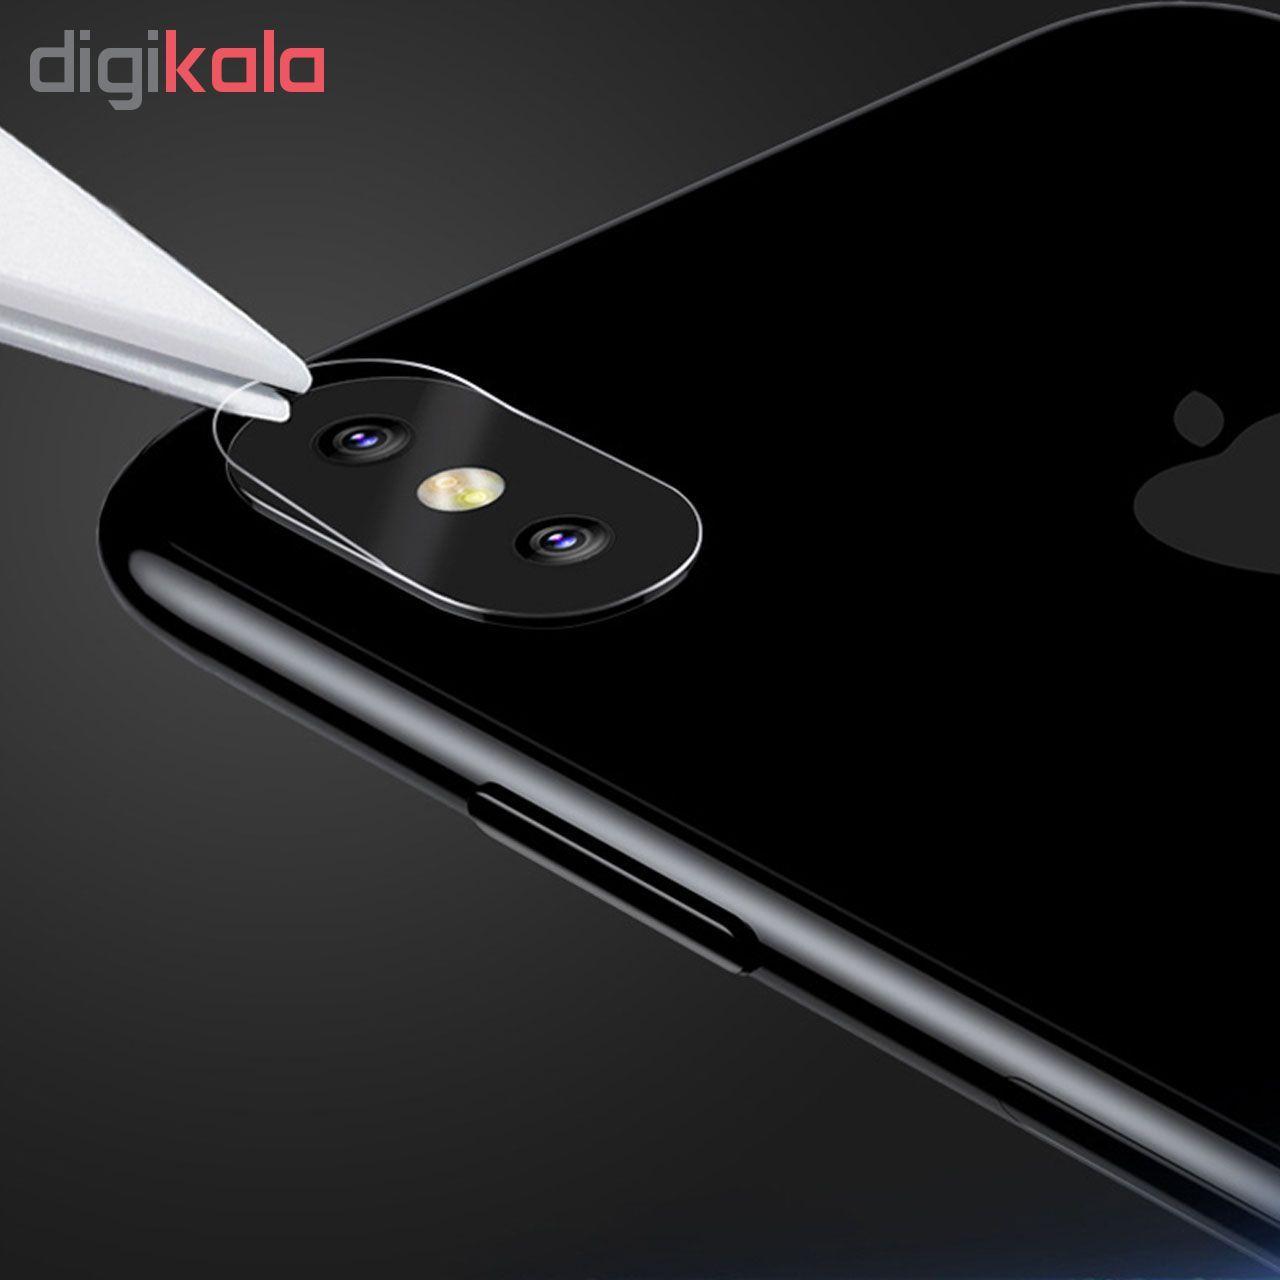 محافظ لنز دوربین هورس مدل UTF مناسب برای گوشی موبایل اپل iPhone 8 Plus بسته سه عددی  main 1 3